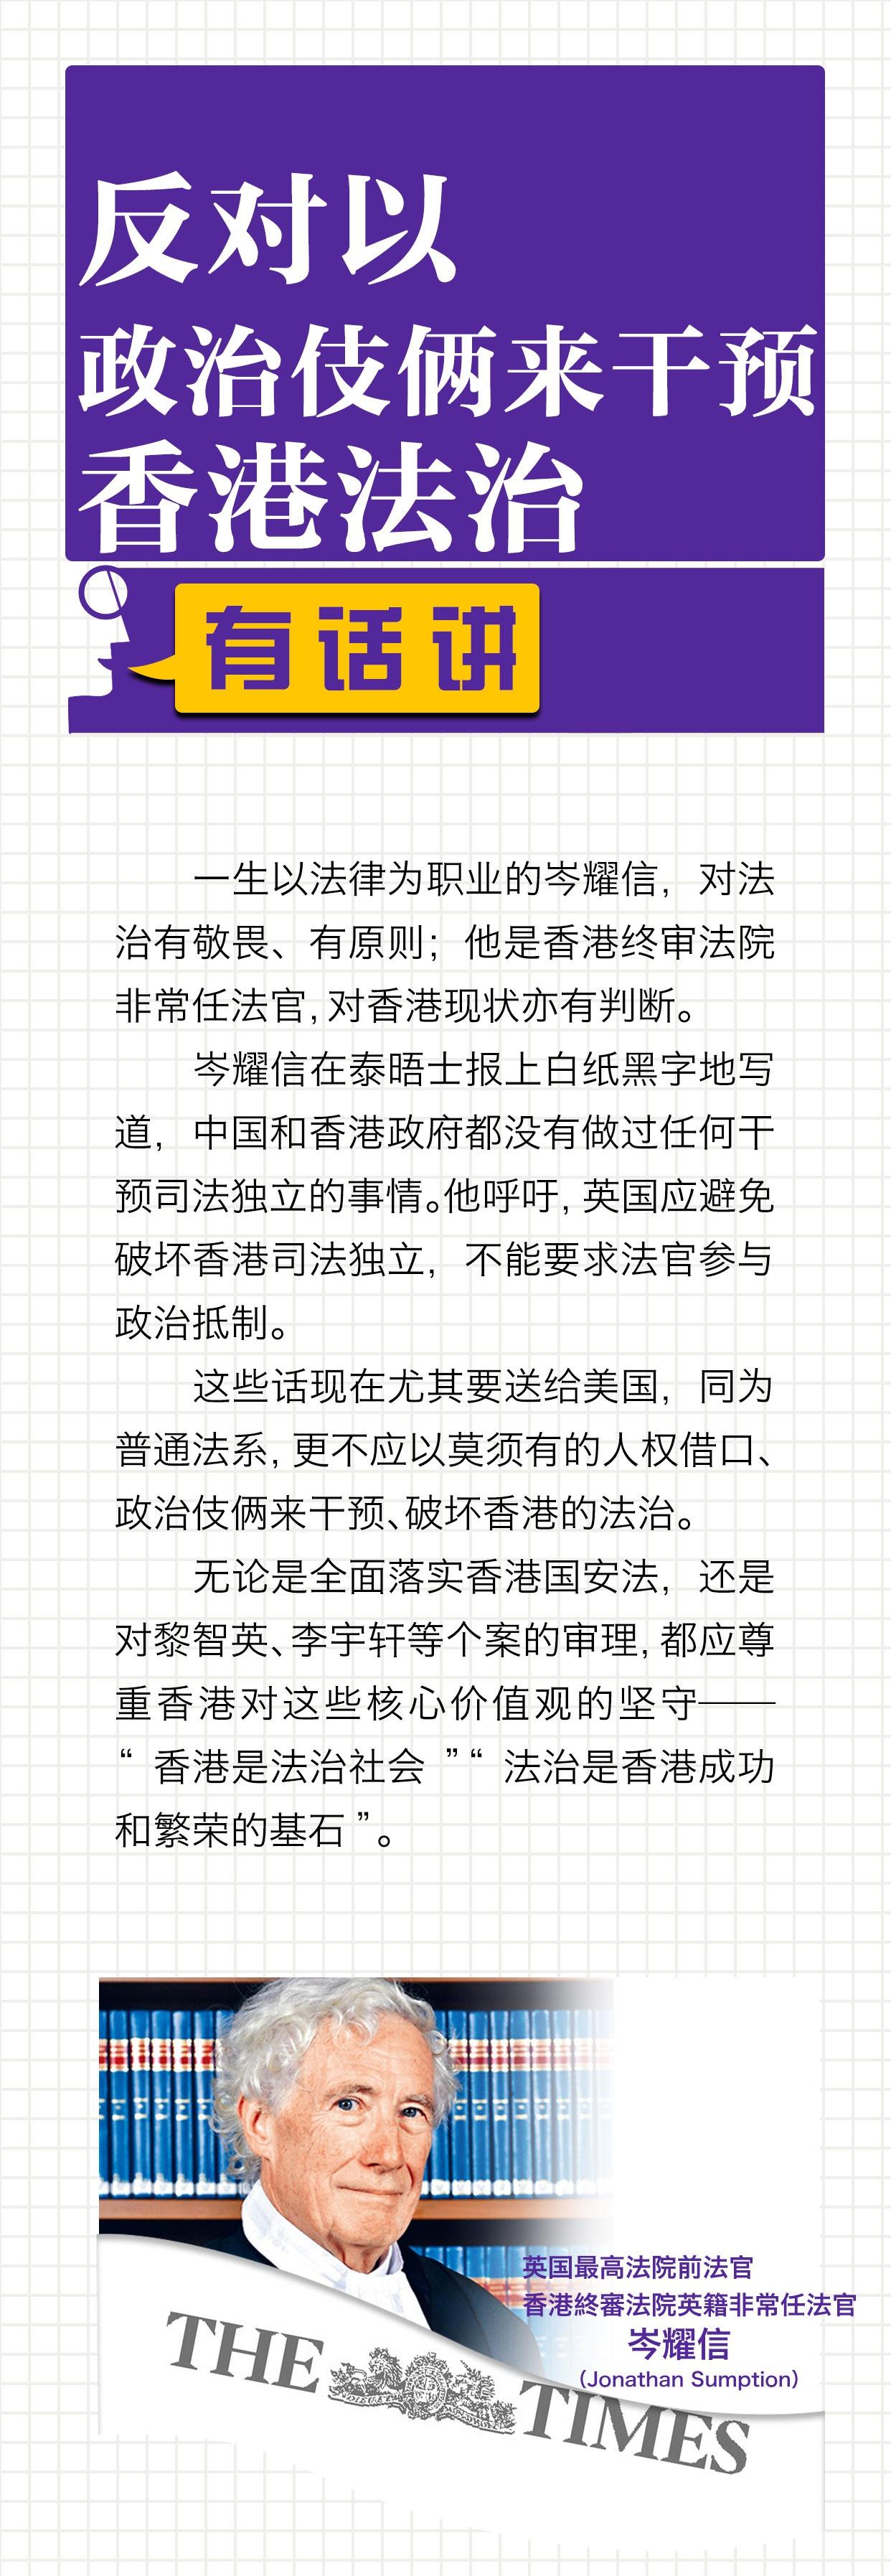 英最高院前大法官撰文:英国应避免破坏香港司法独立图片